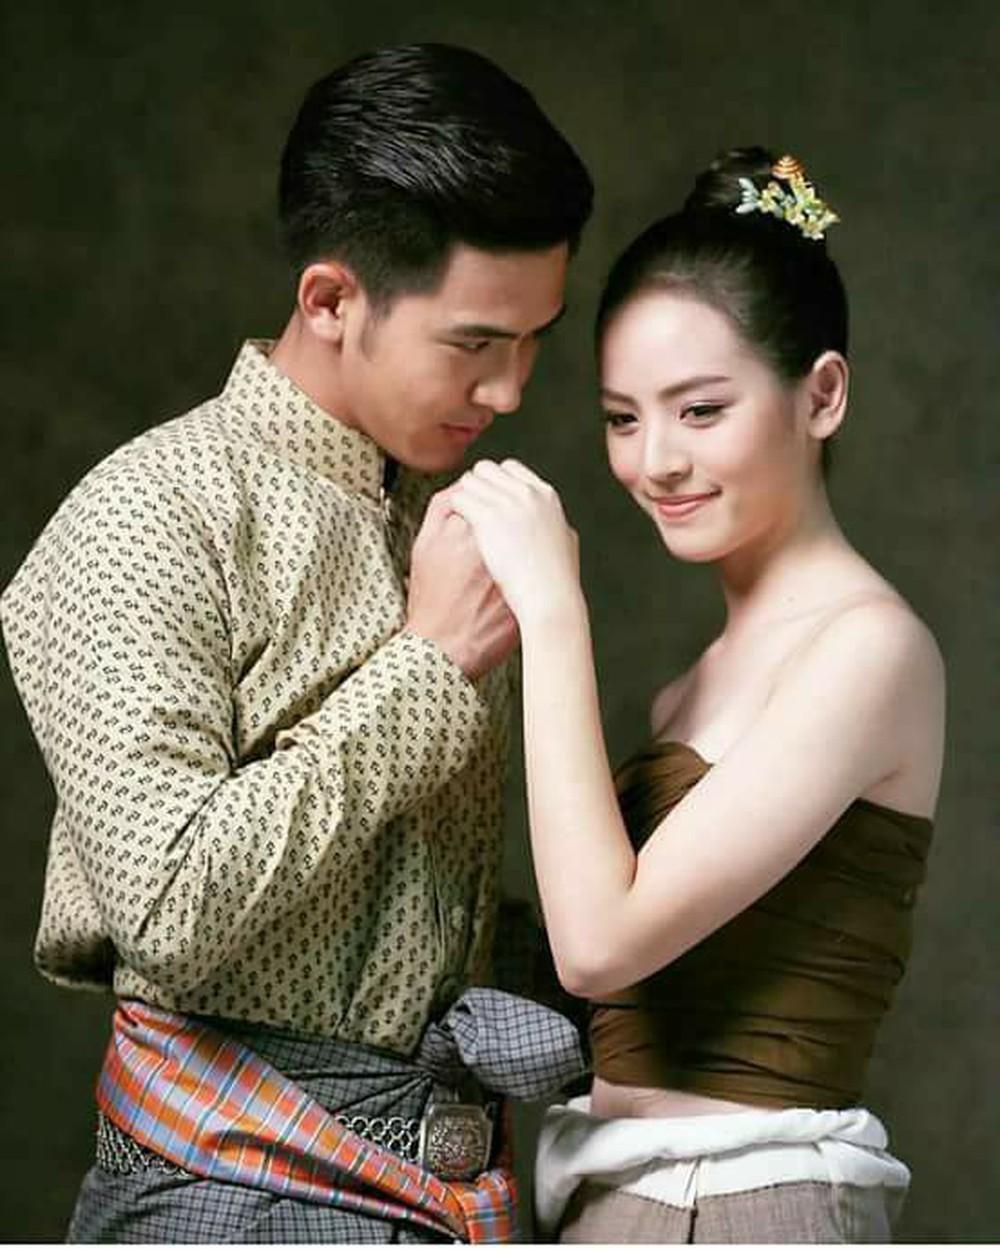 3 tiểu tam phim Thái rù quến được cả thiên hạ: Số 1 còn giật cả chồng của cô ruột - Ảnh 7.